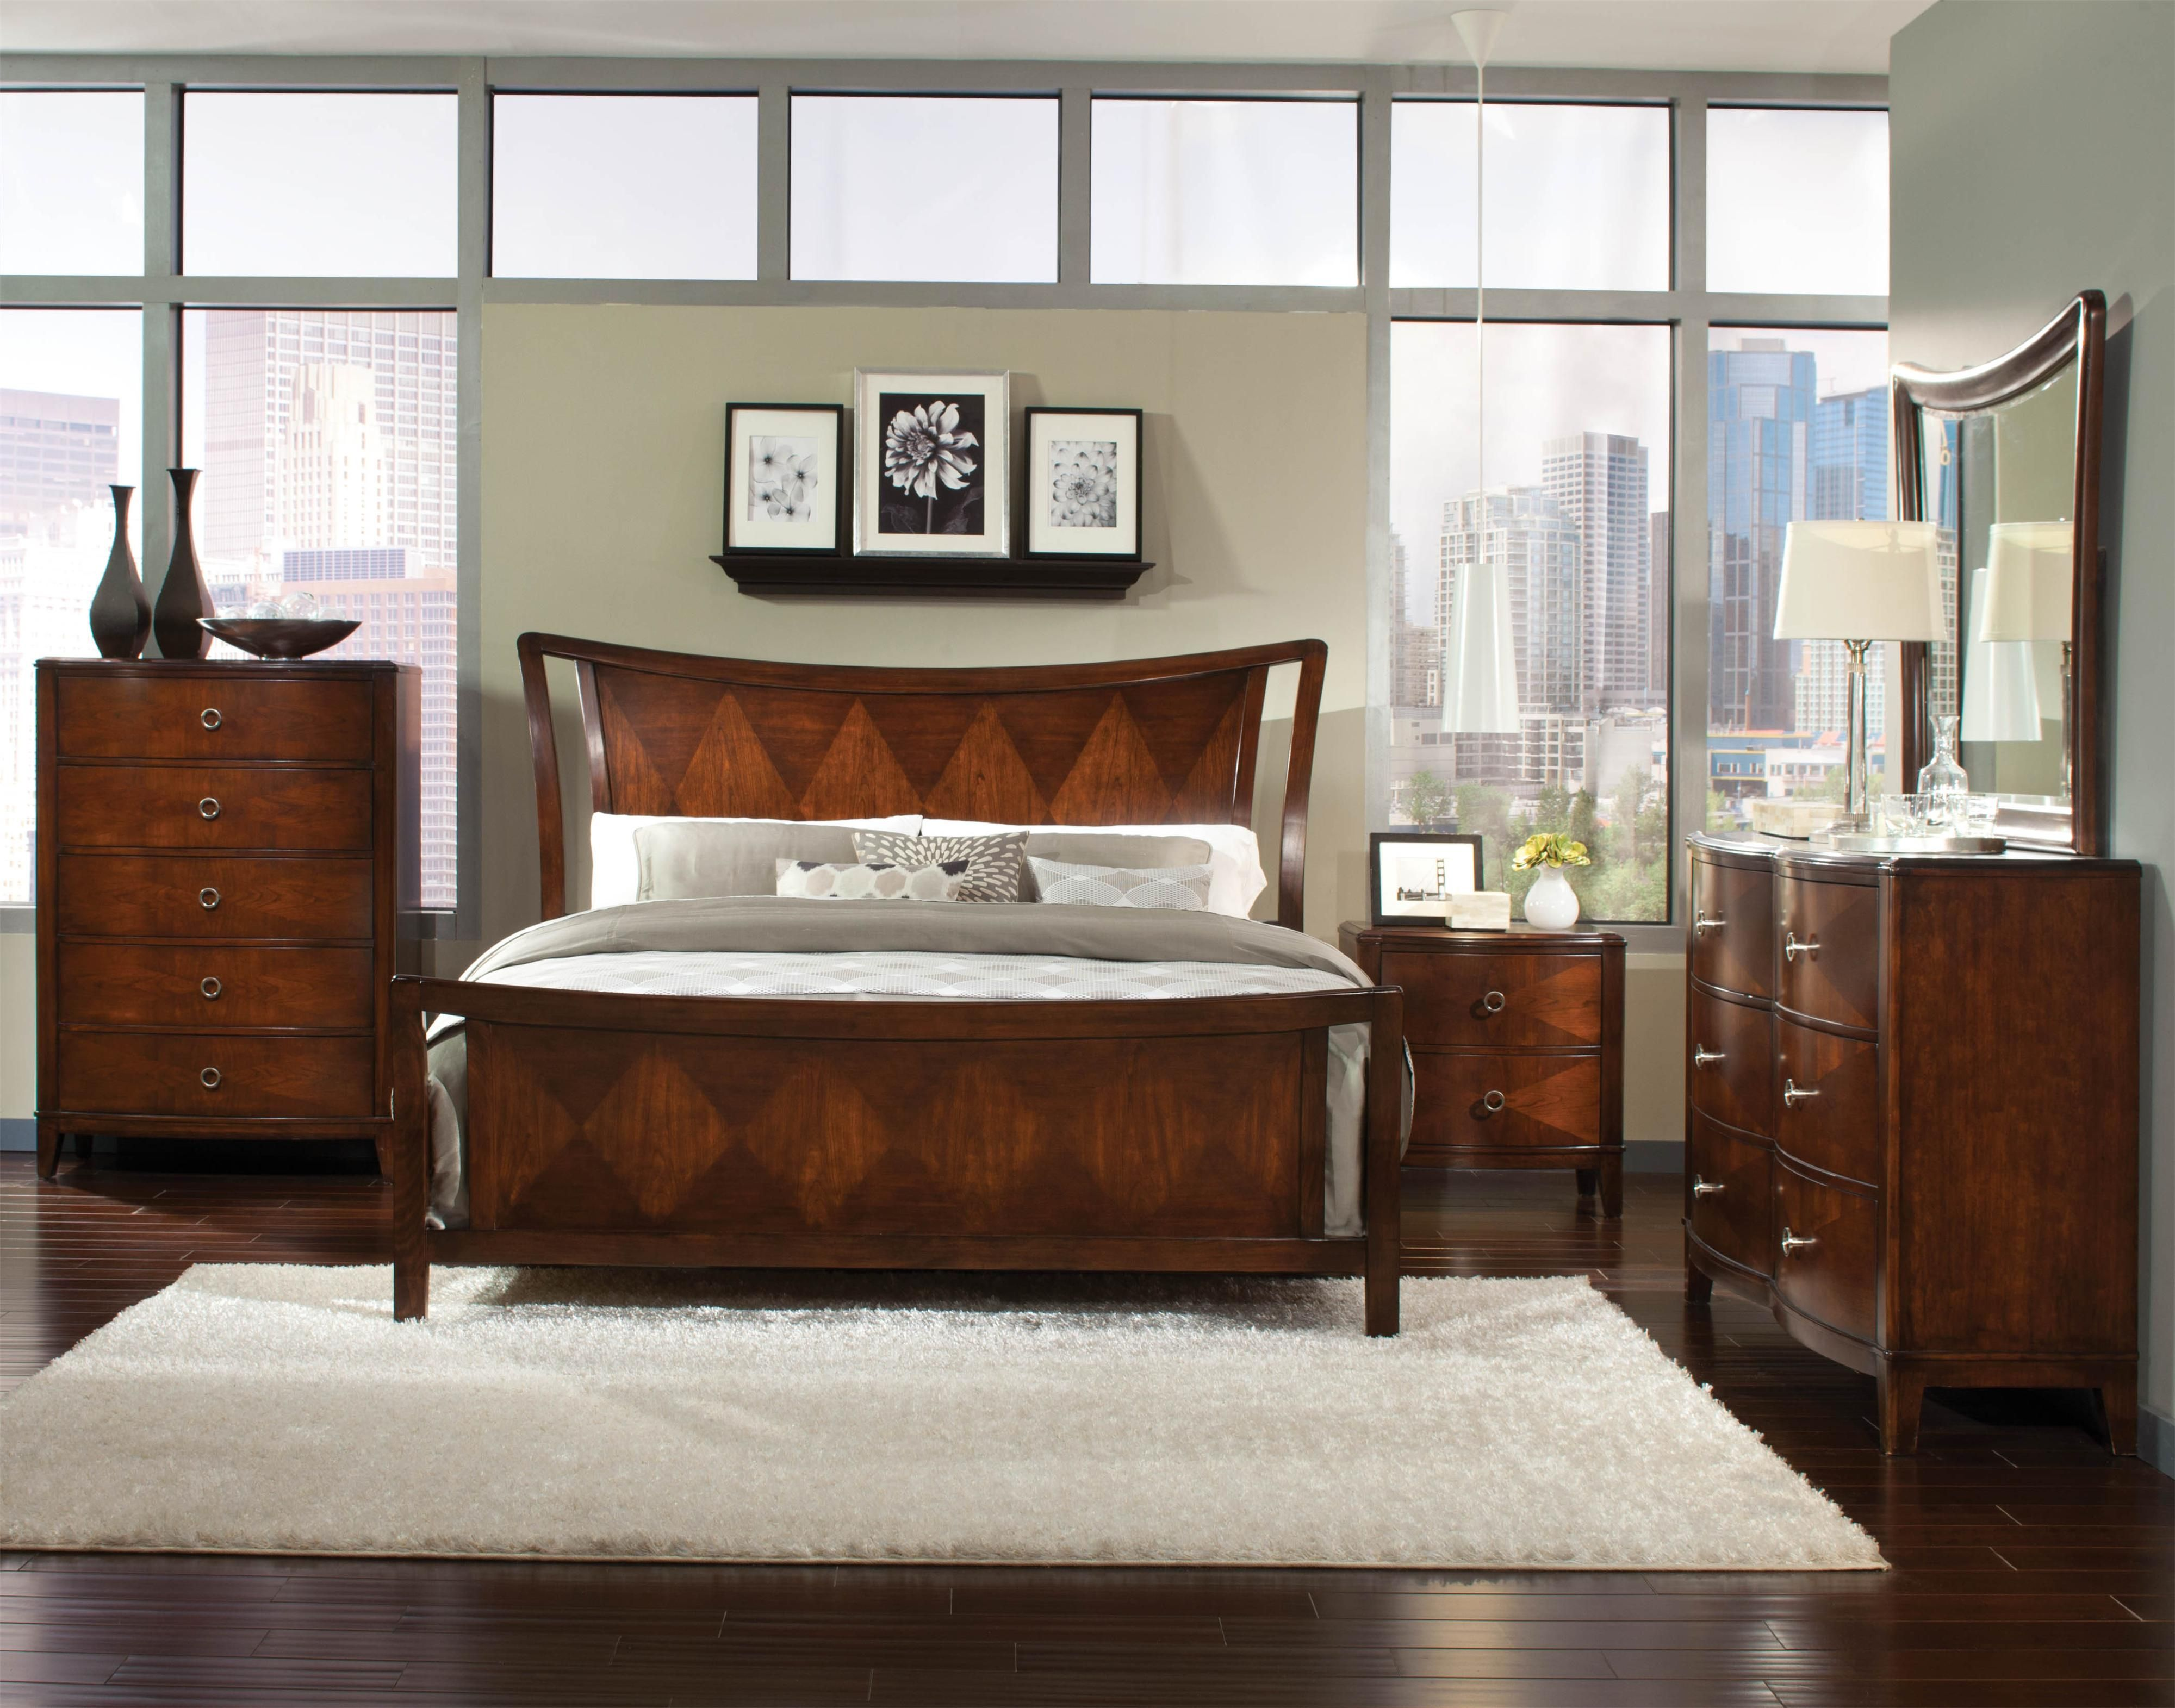 Standard Furniture Park Avenue II Queen Bedroom Group ...